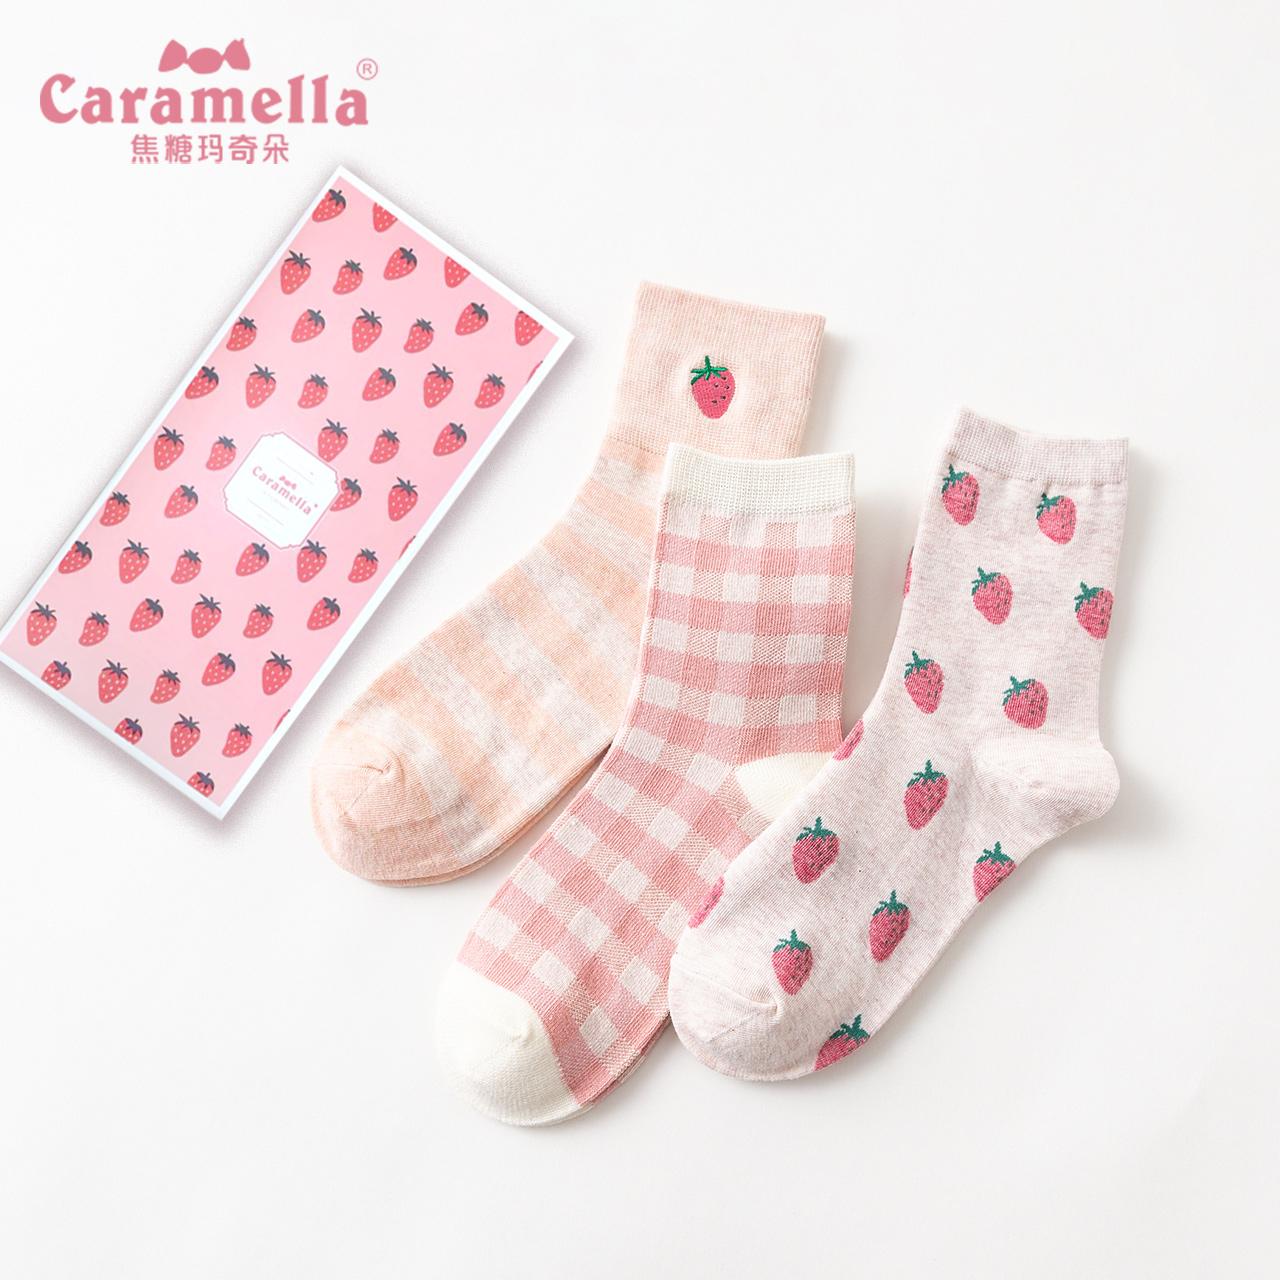 CARAMELLA袜子女秋冬卡通中筒纯棉刺绣草莓韩版学院风日系潮棉袜